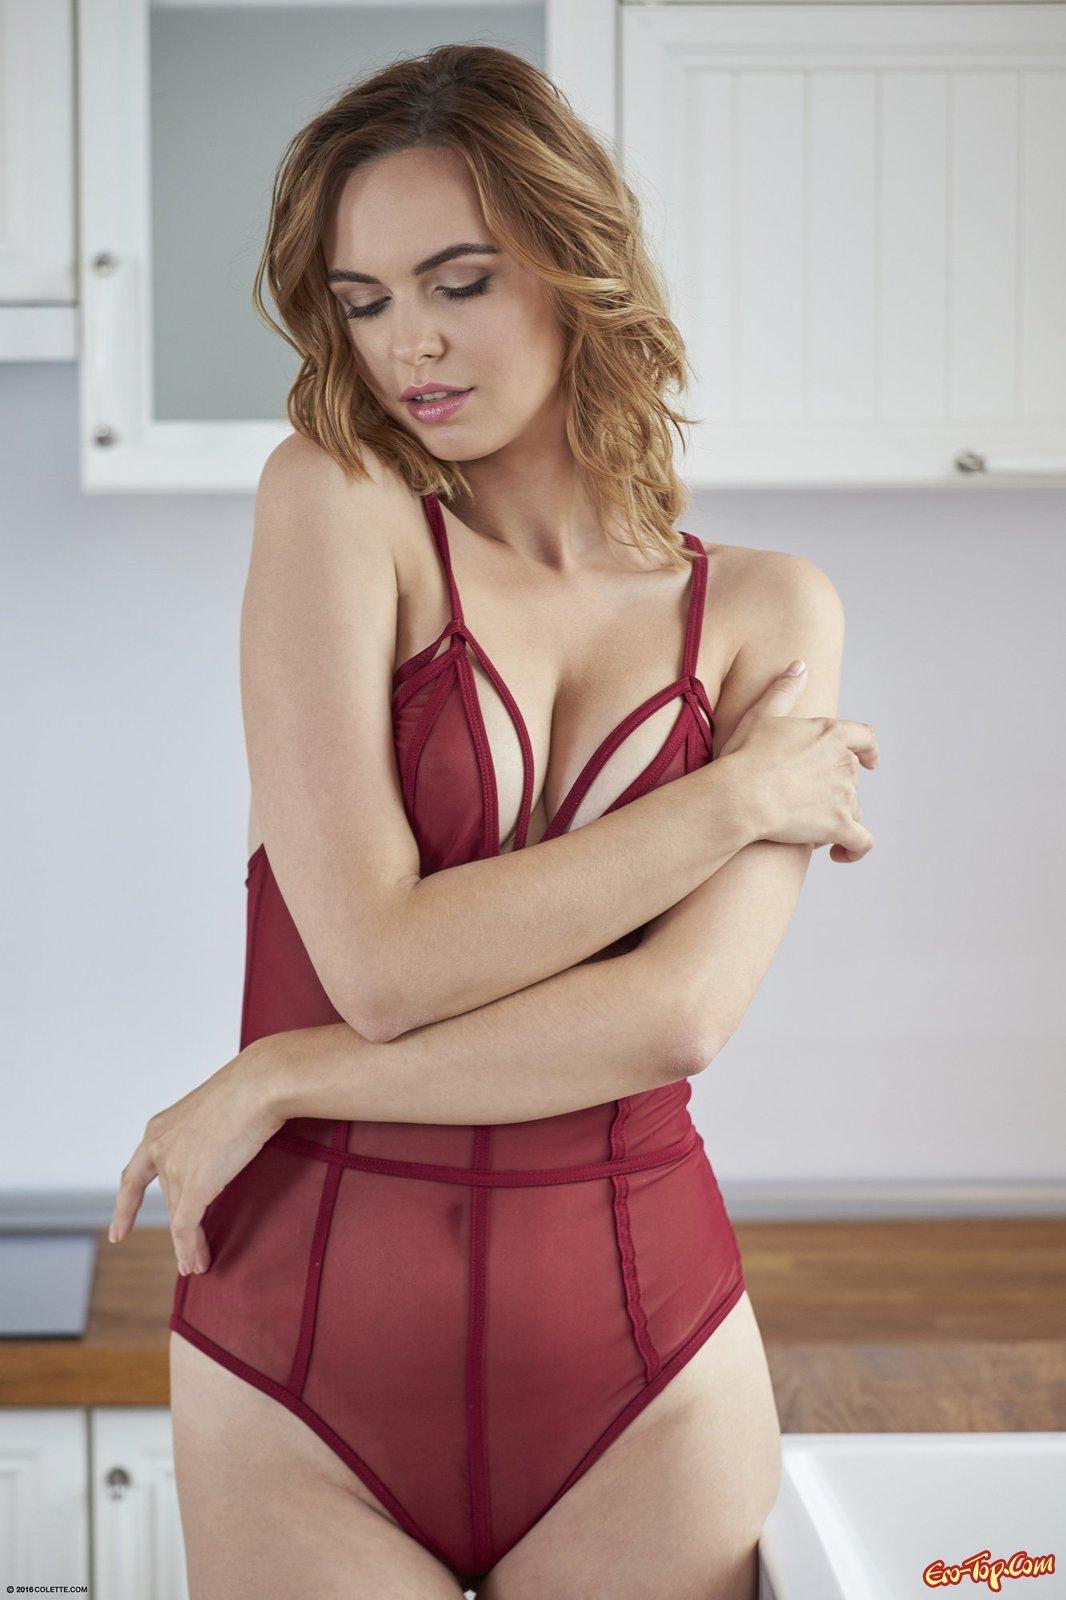 Полупрозрачное боди на сексуальном теле девки секс фото